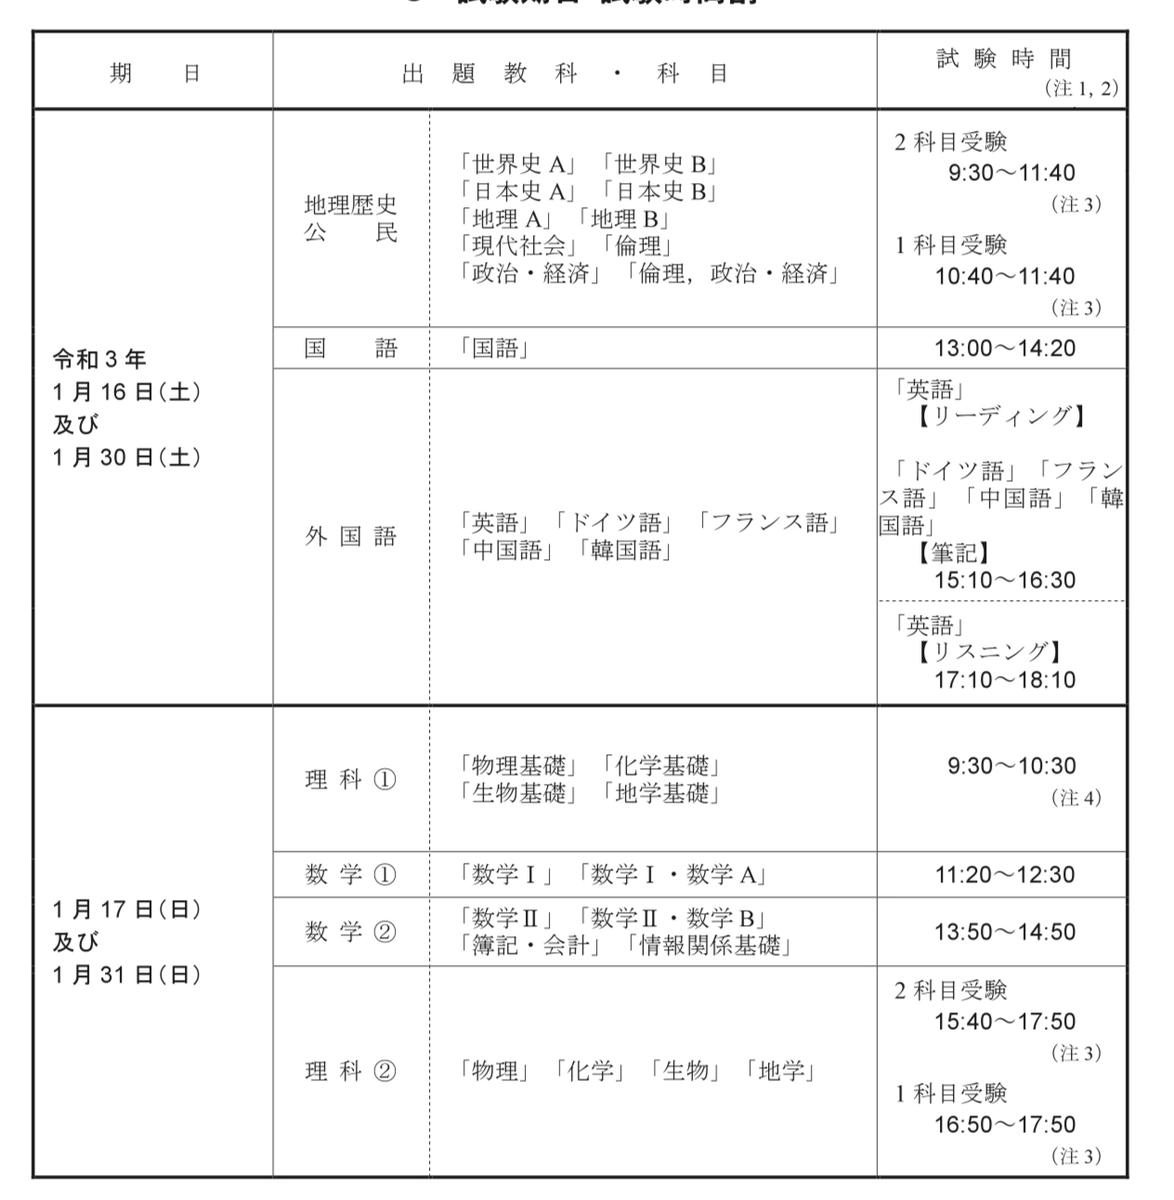 f:id:tokoyakanbannet:20200723125147p:plain